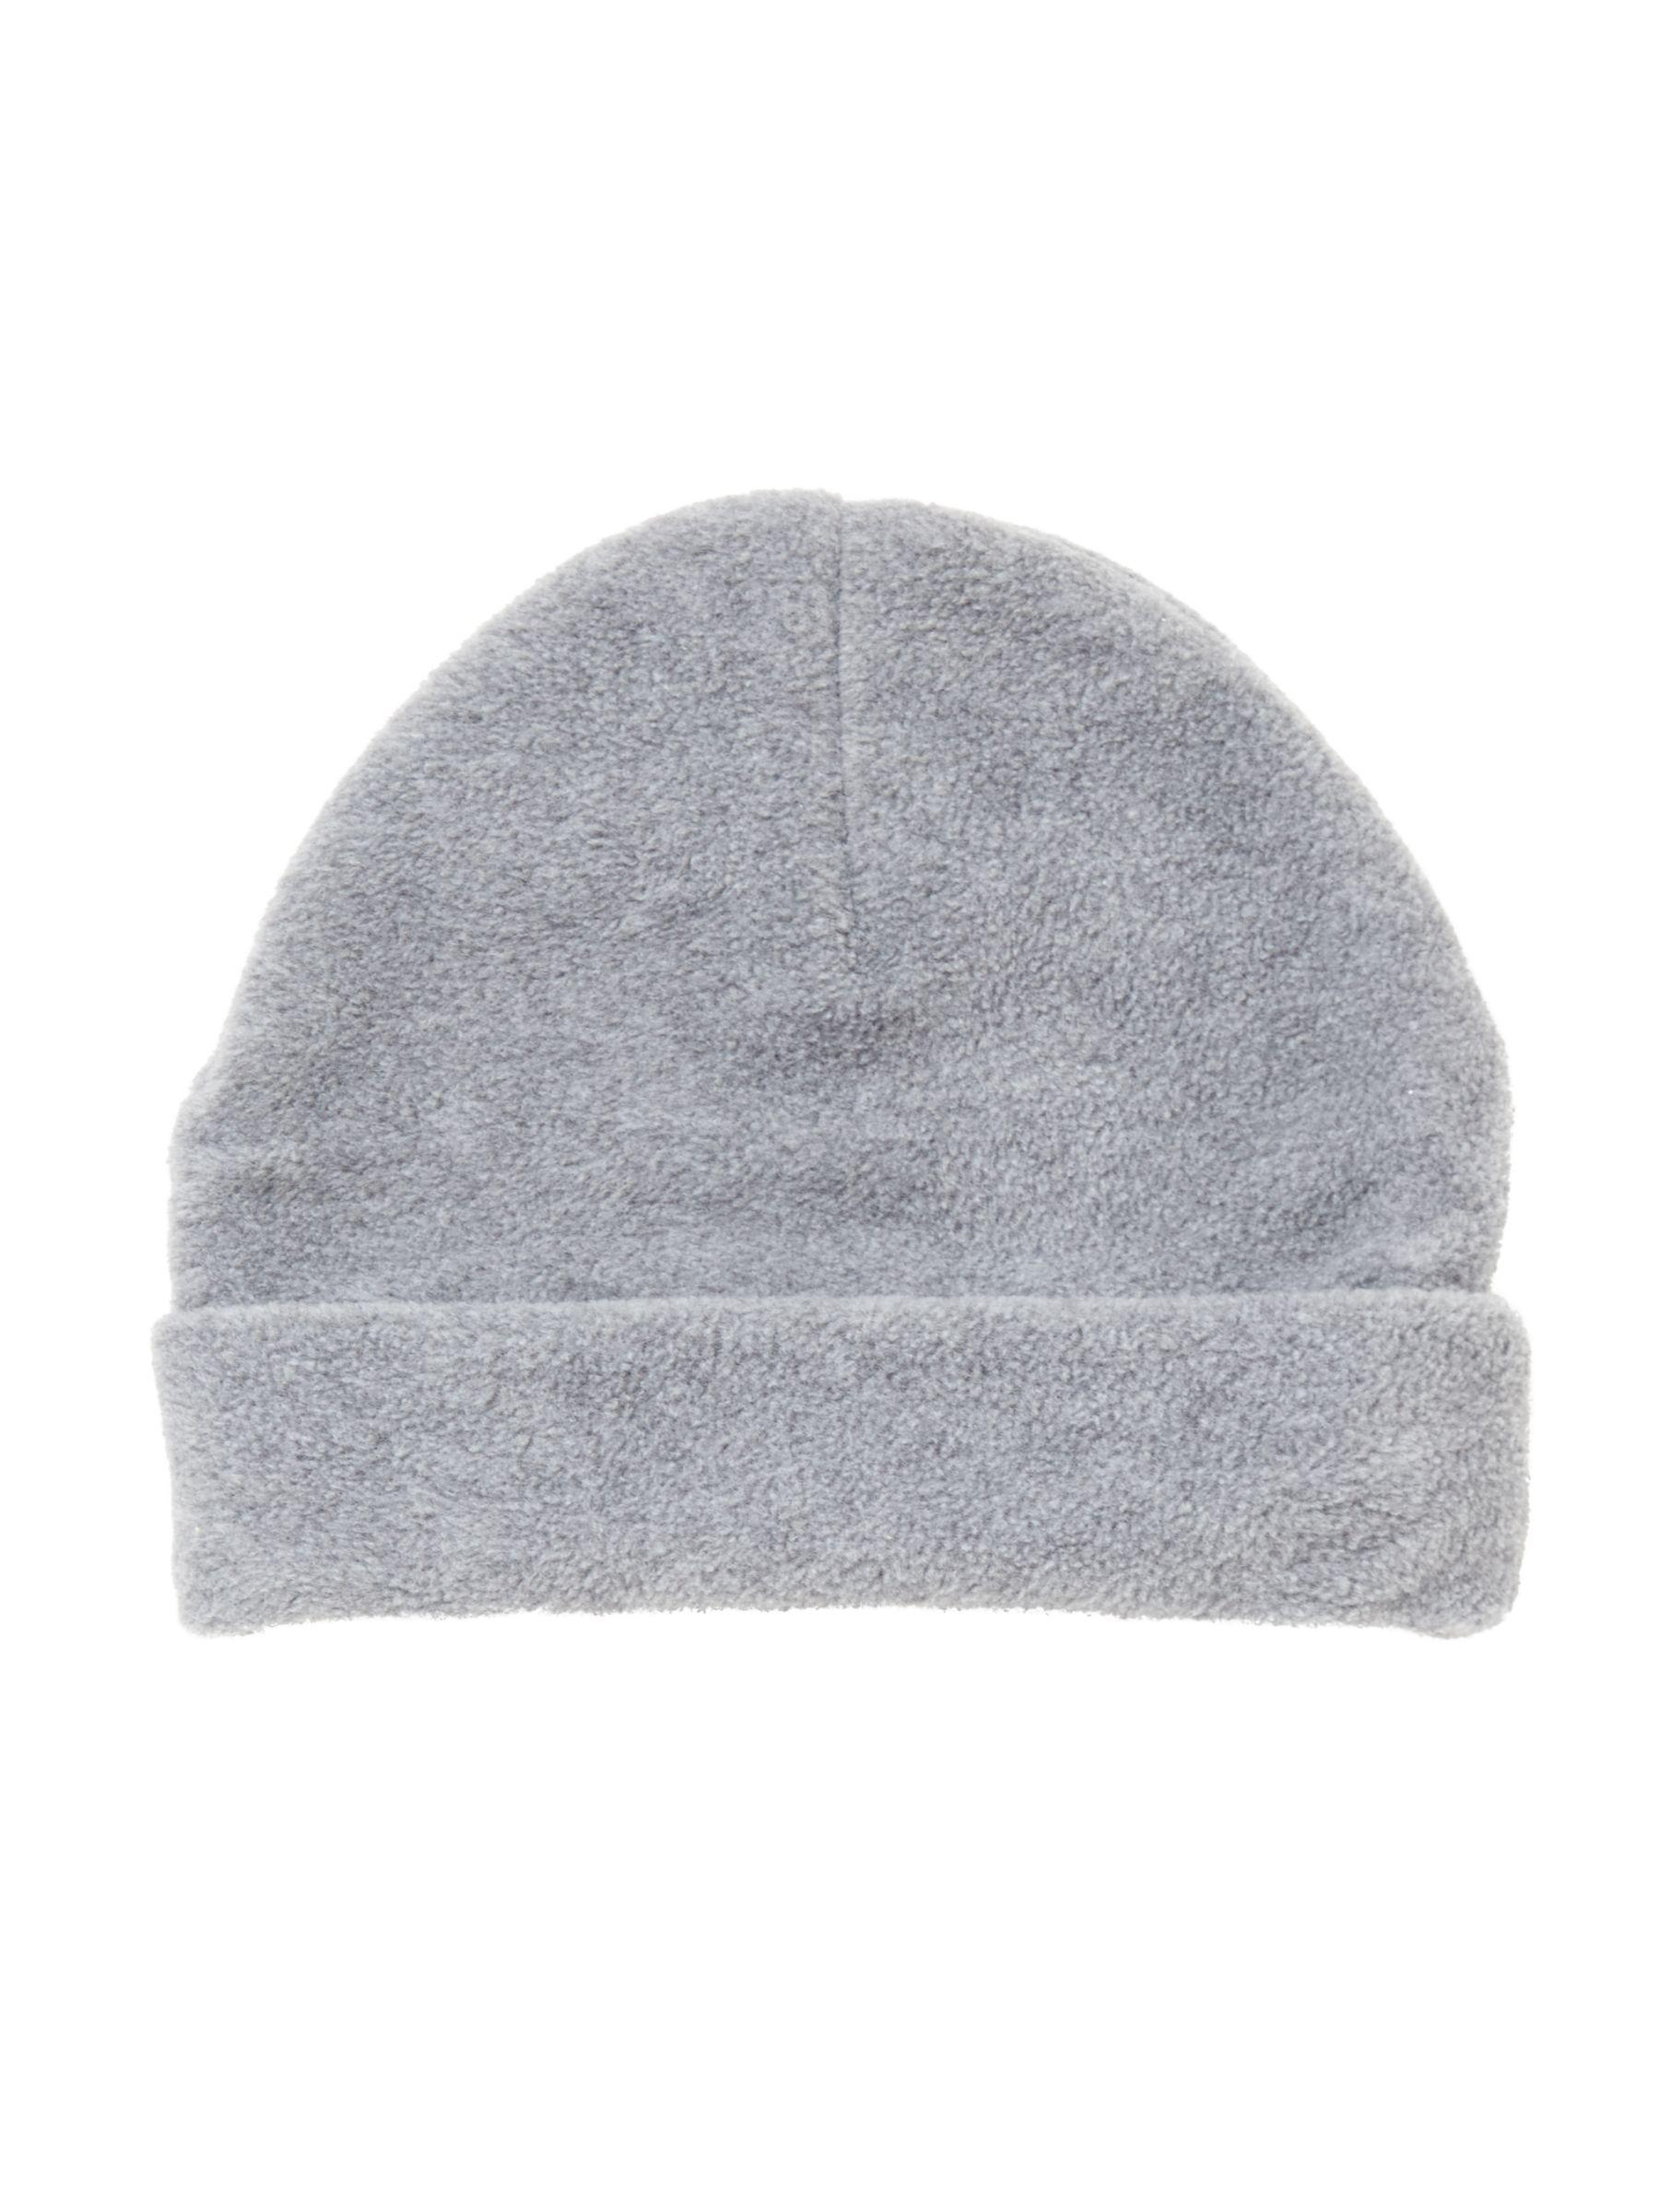 Unbranded School Fleece Hat